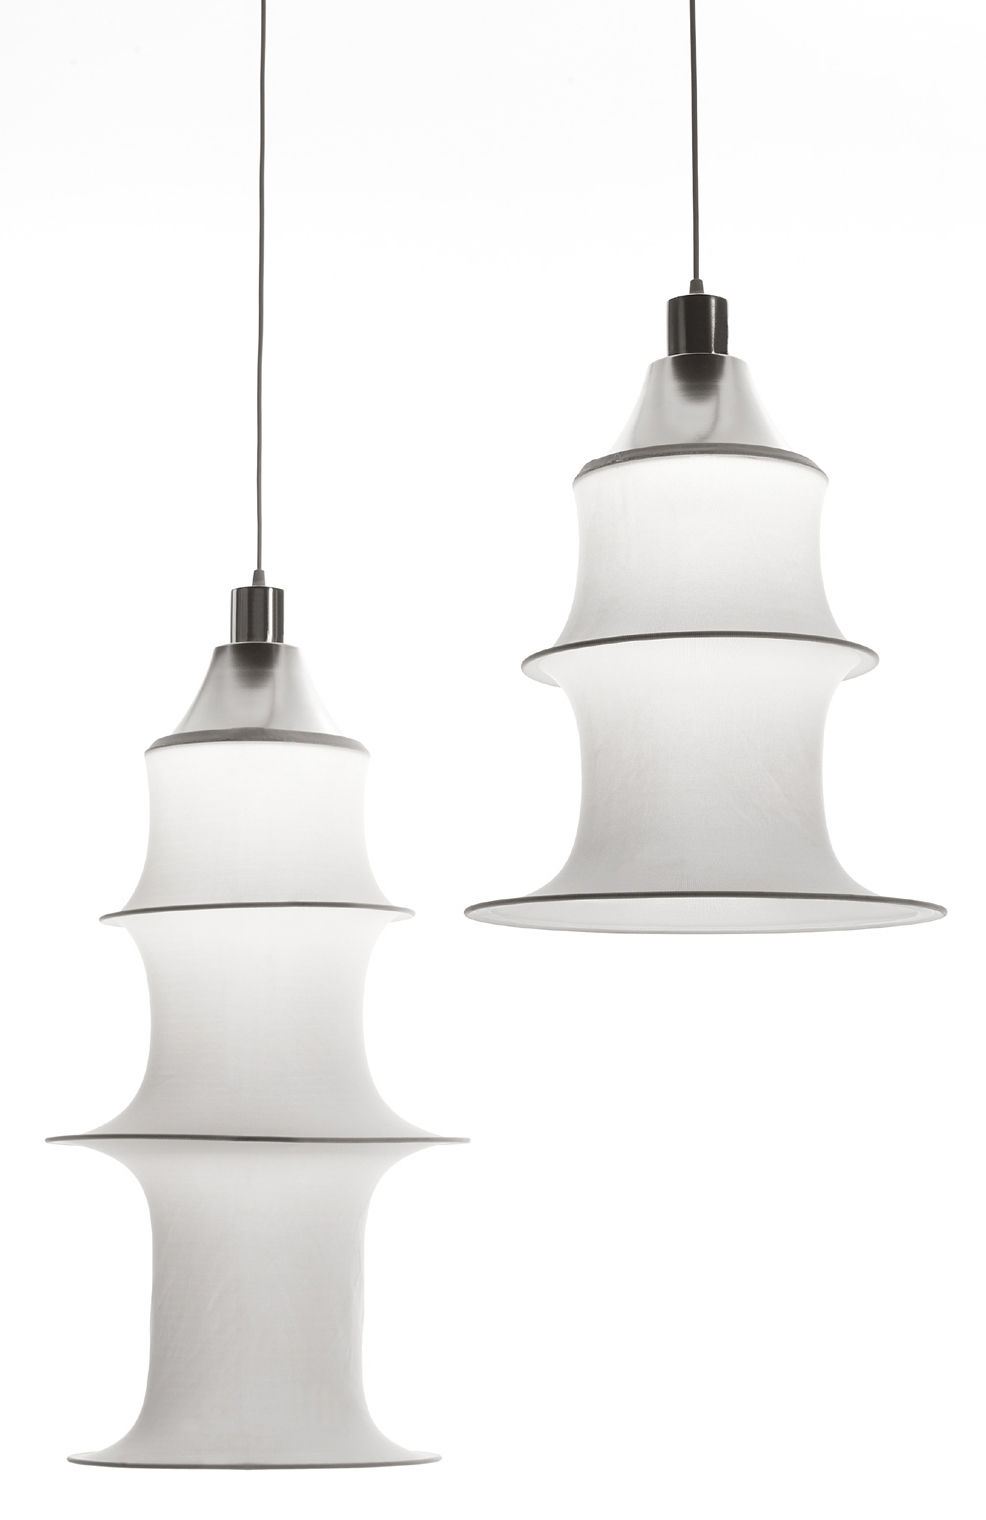 suspension falkland h 165 cm blanc version non ignifuge danese light made in design. Black Bedroom Furniture Sets. Home Design Ideas